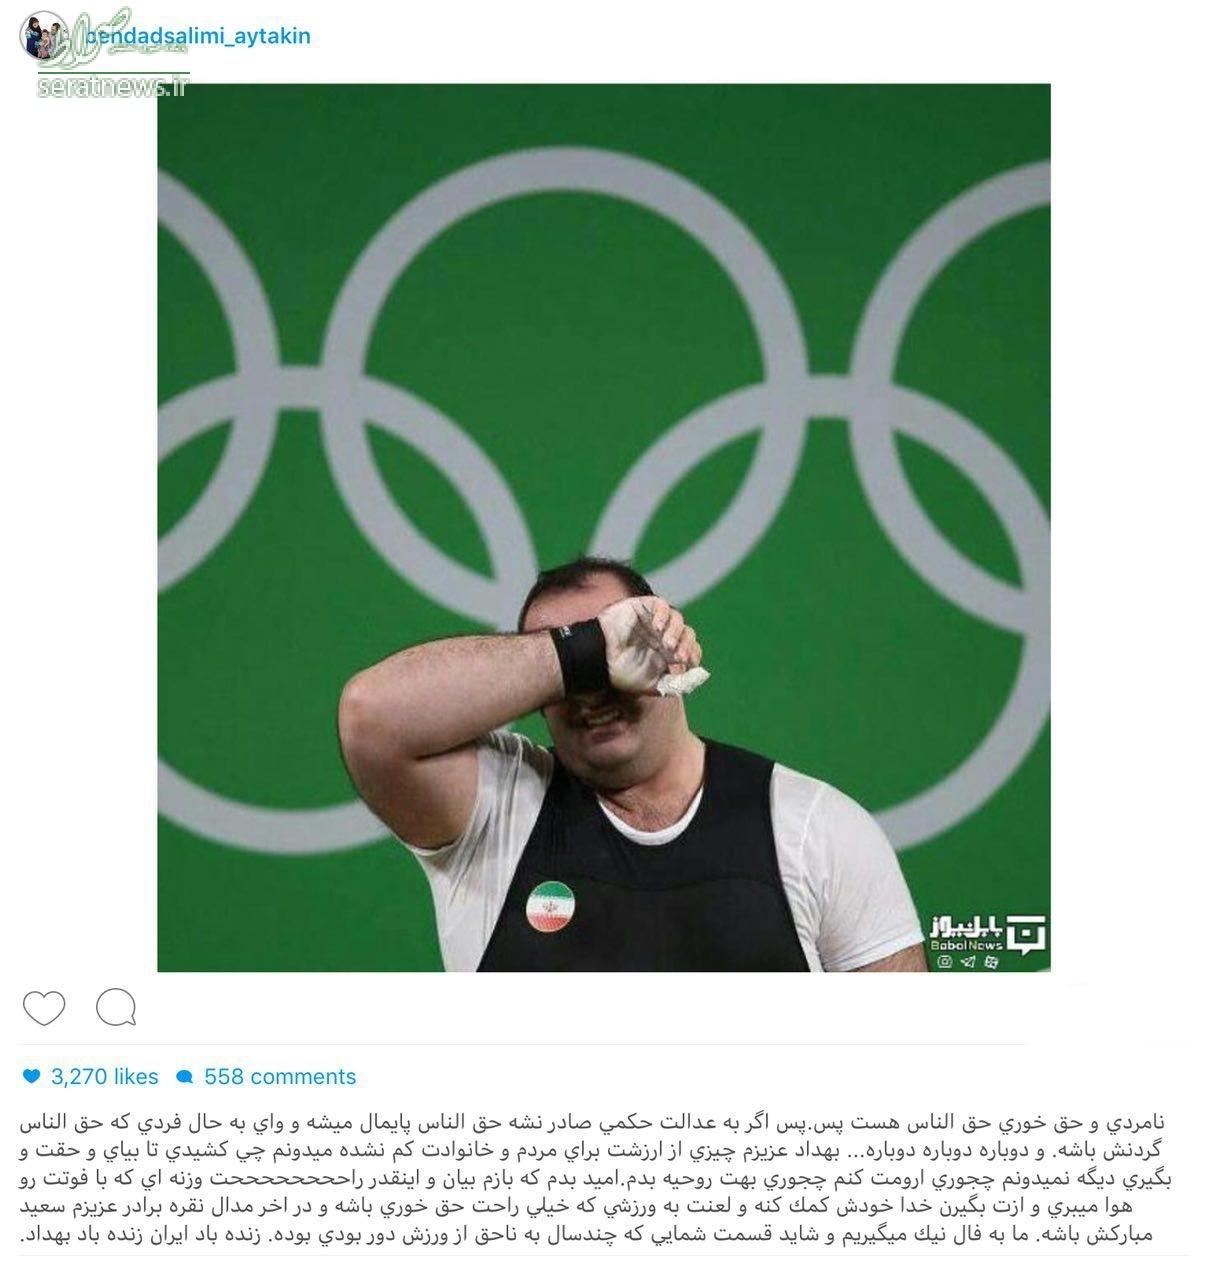 دلنوشته همسر بهداد سلیمى بعد از ناداورى +عکس